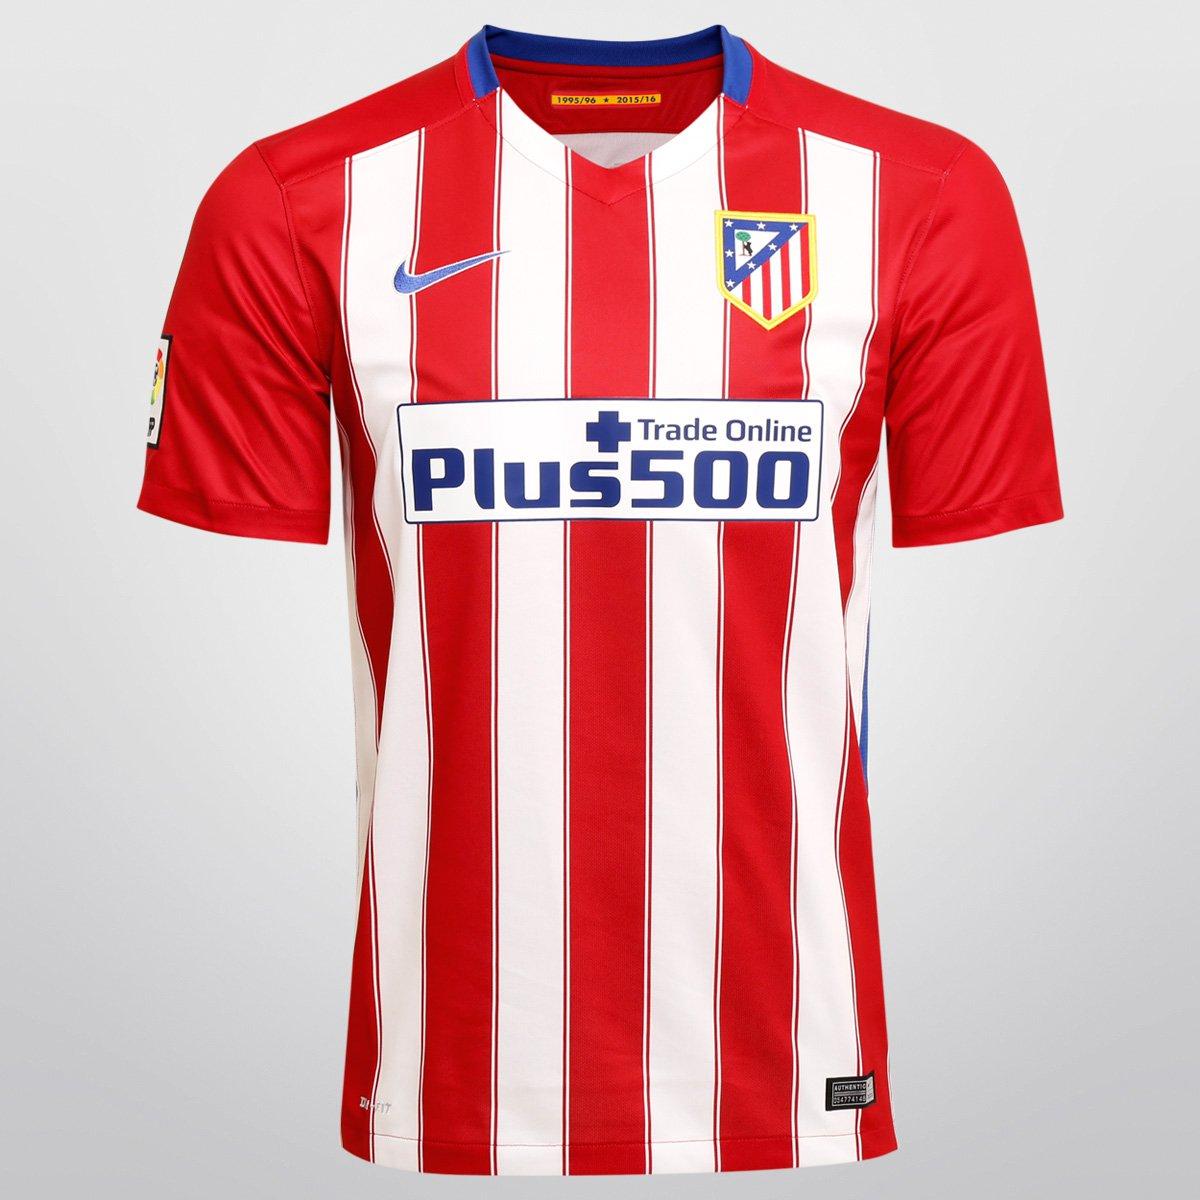 118a8c36ef Camisa Nike Atlético de Madrid Home 15 16 s nº - Compre Agora